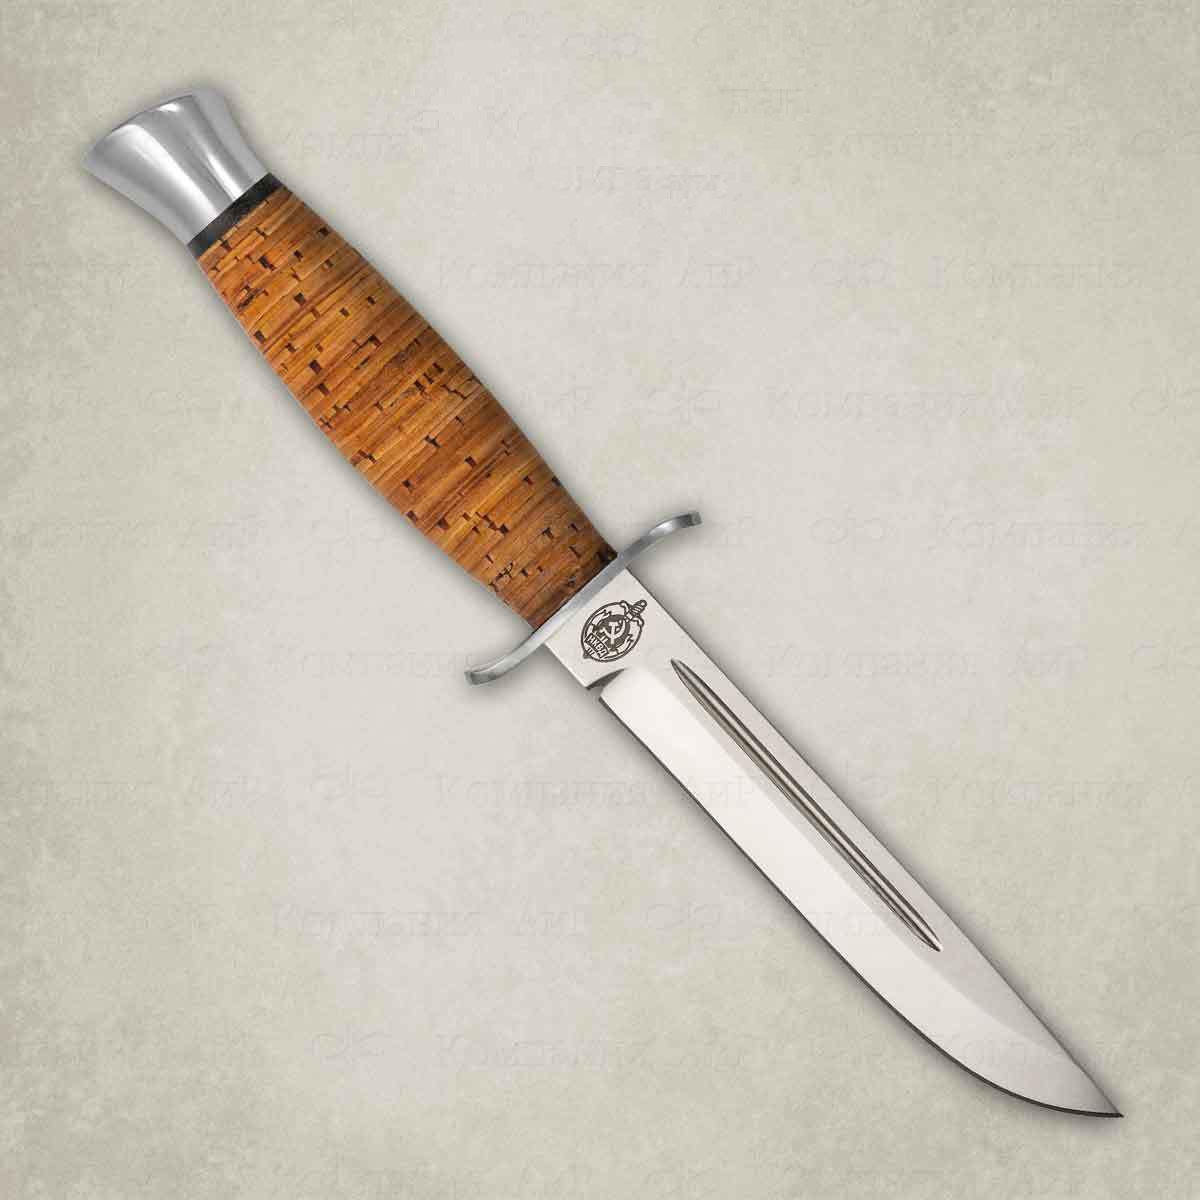 Нож АиР Финка-2, сталь 110х18 М-ШД, рукоять береста недорого